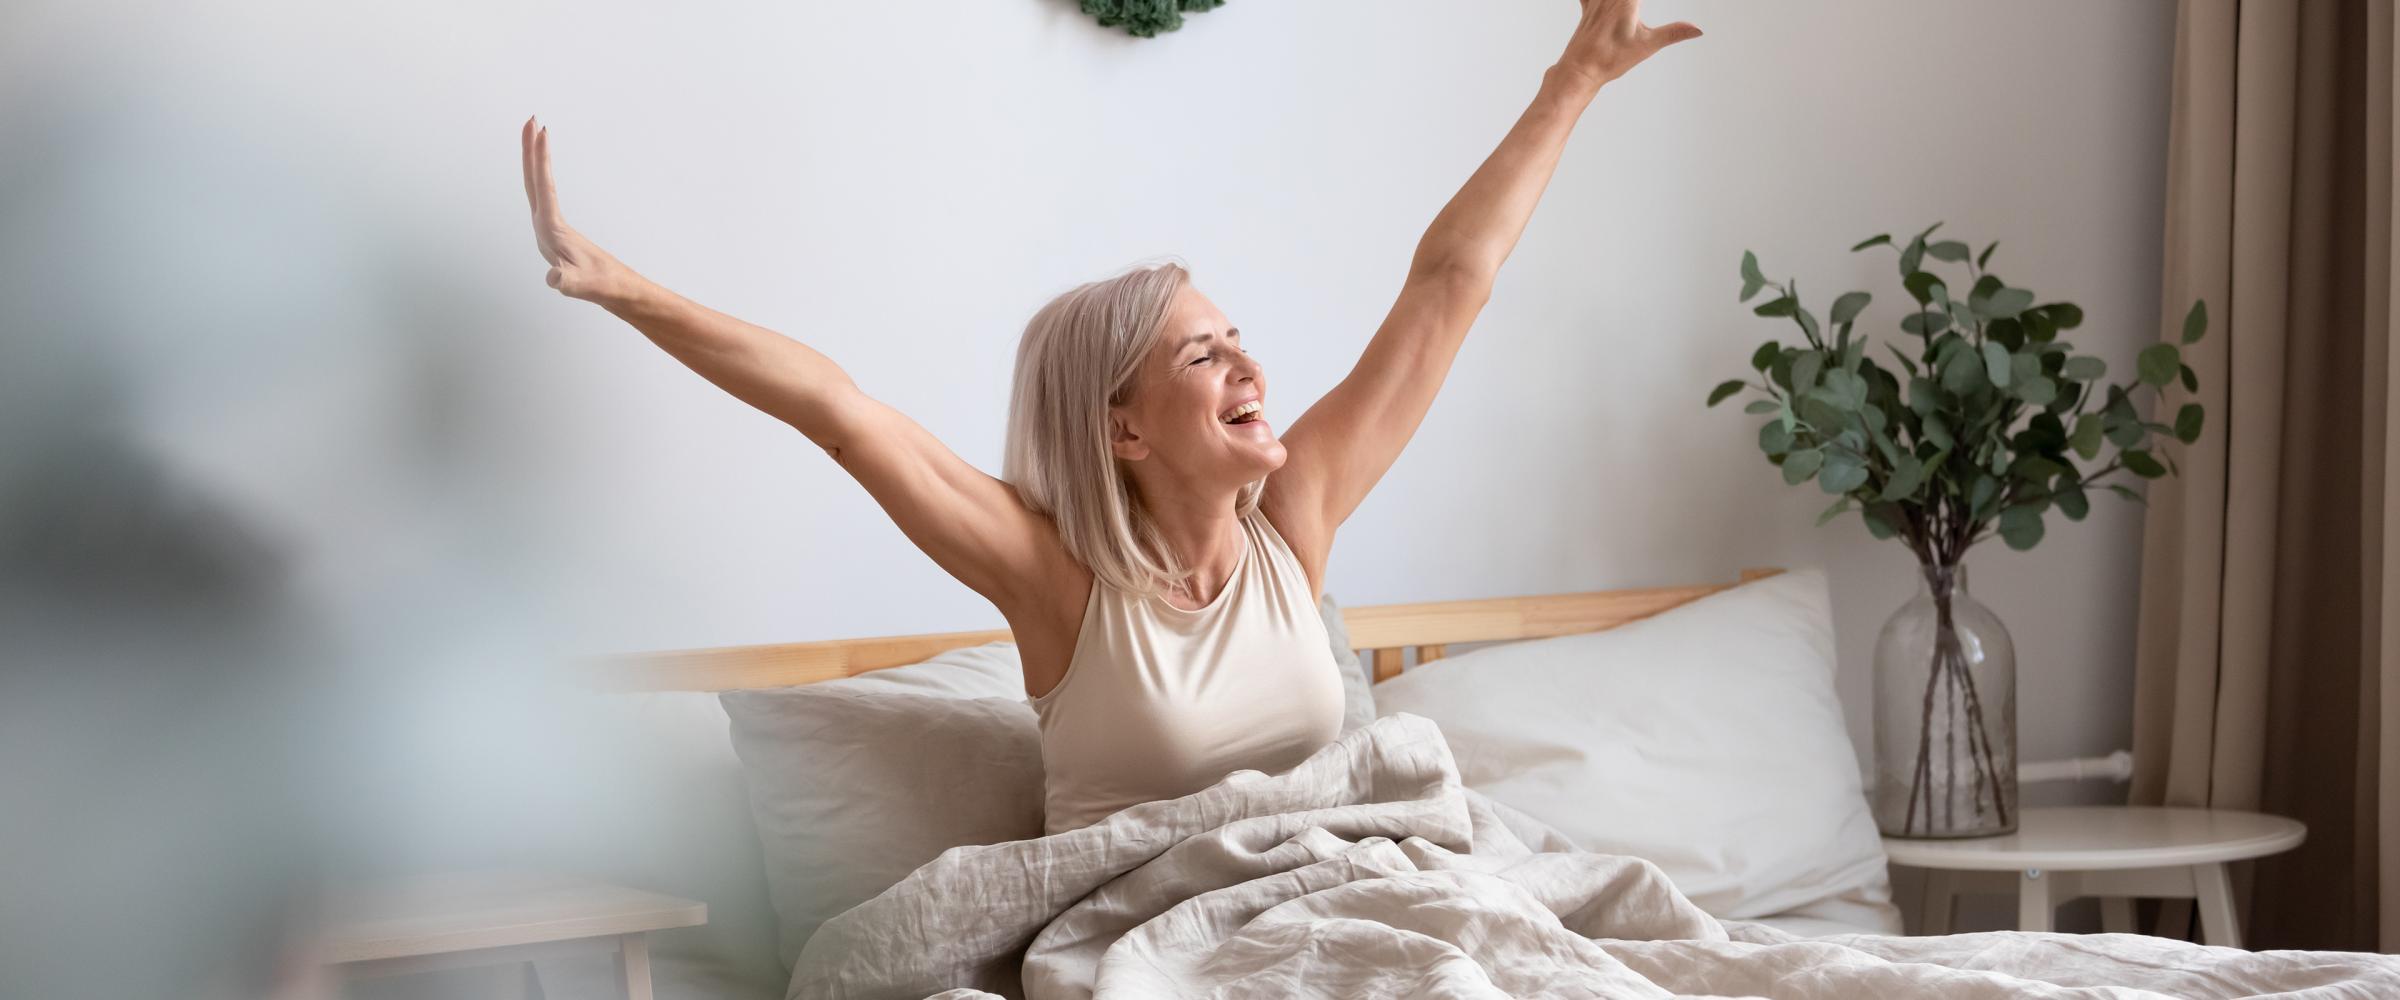 Как выбрать и купить ортопедический матрас для пожилых людей?